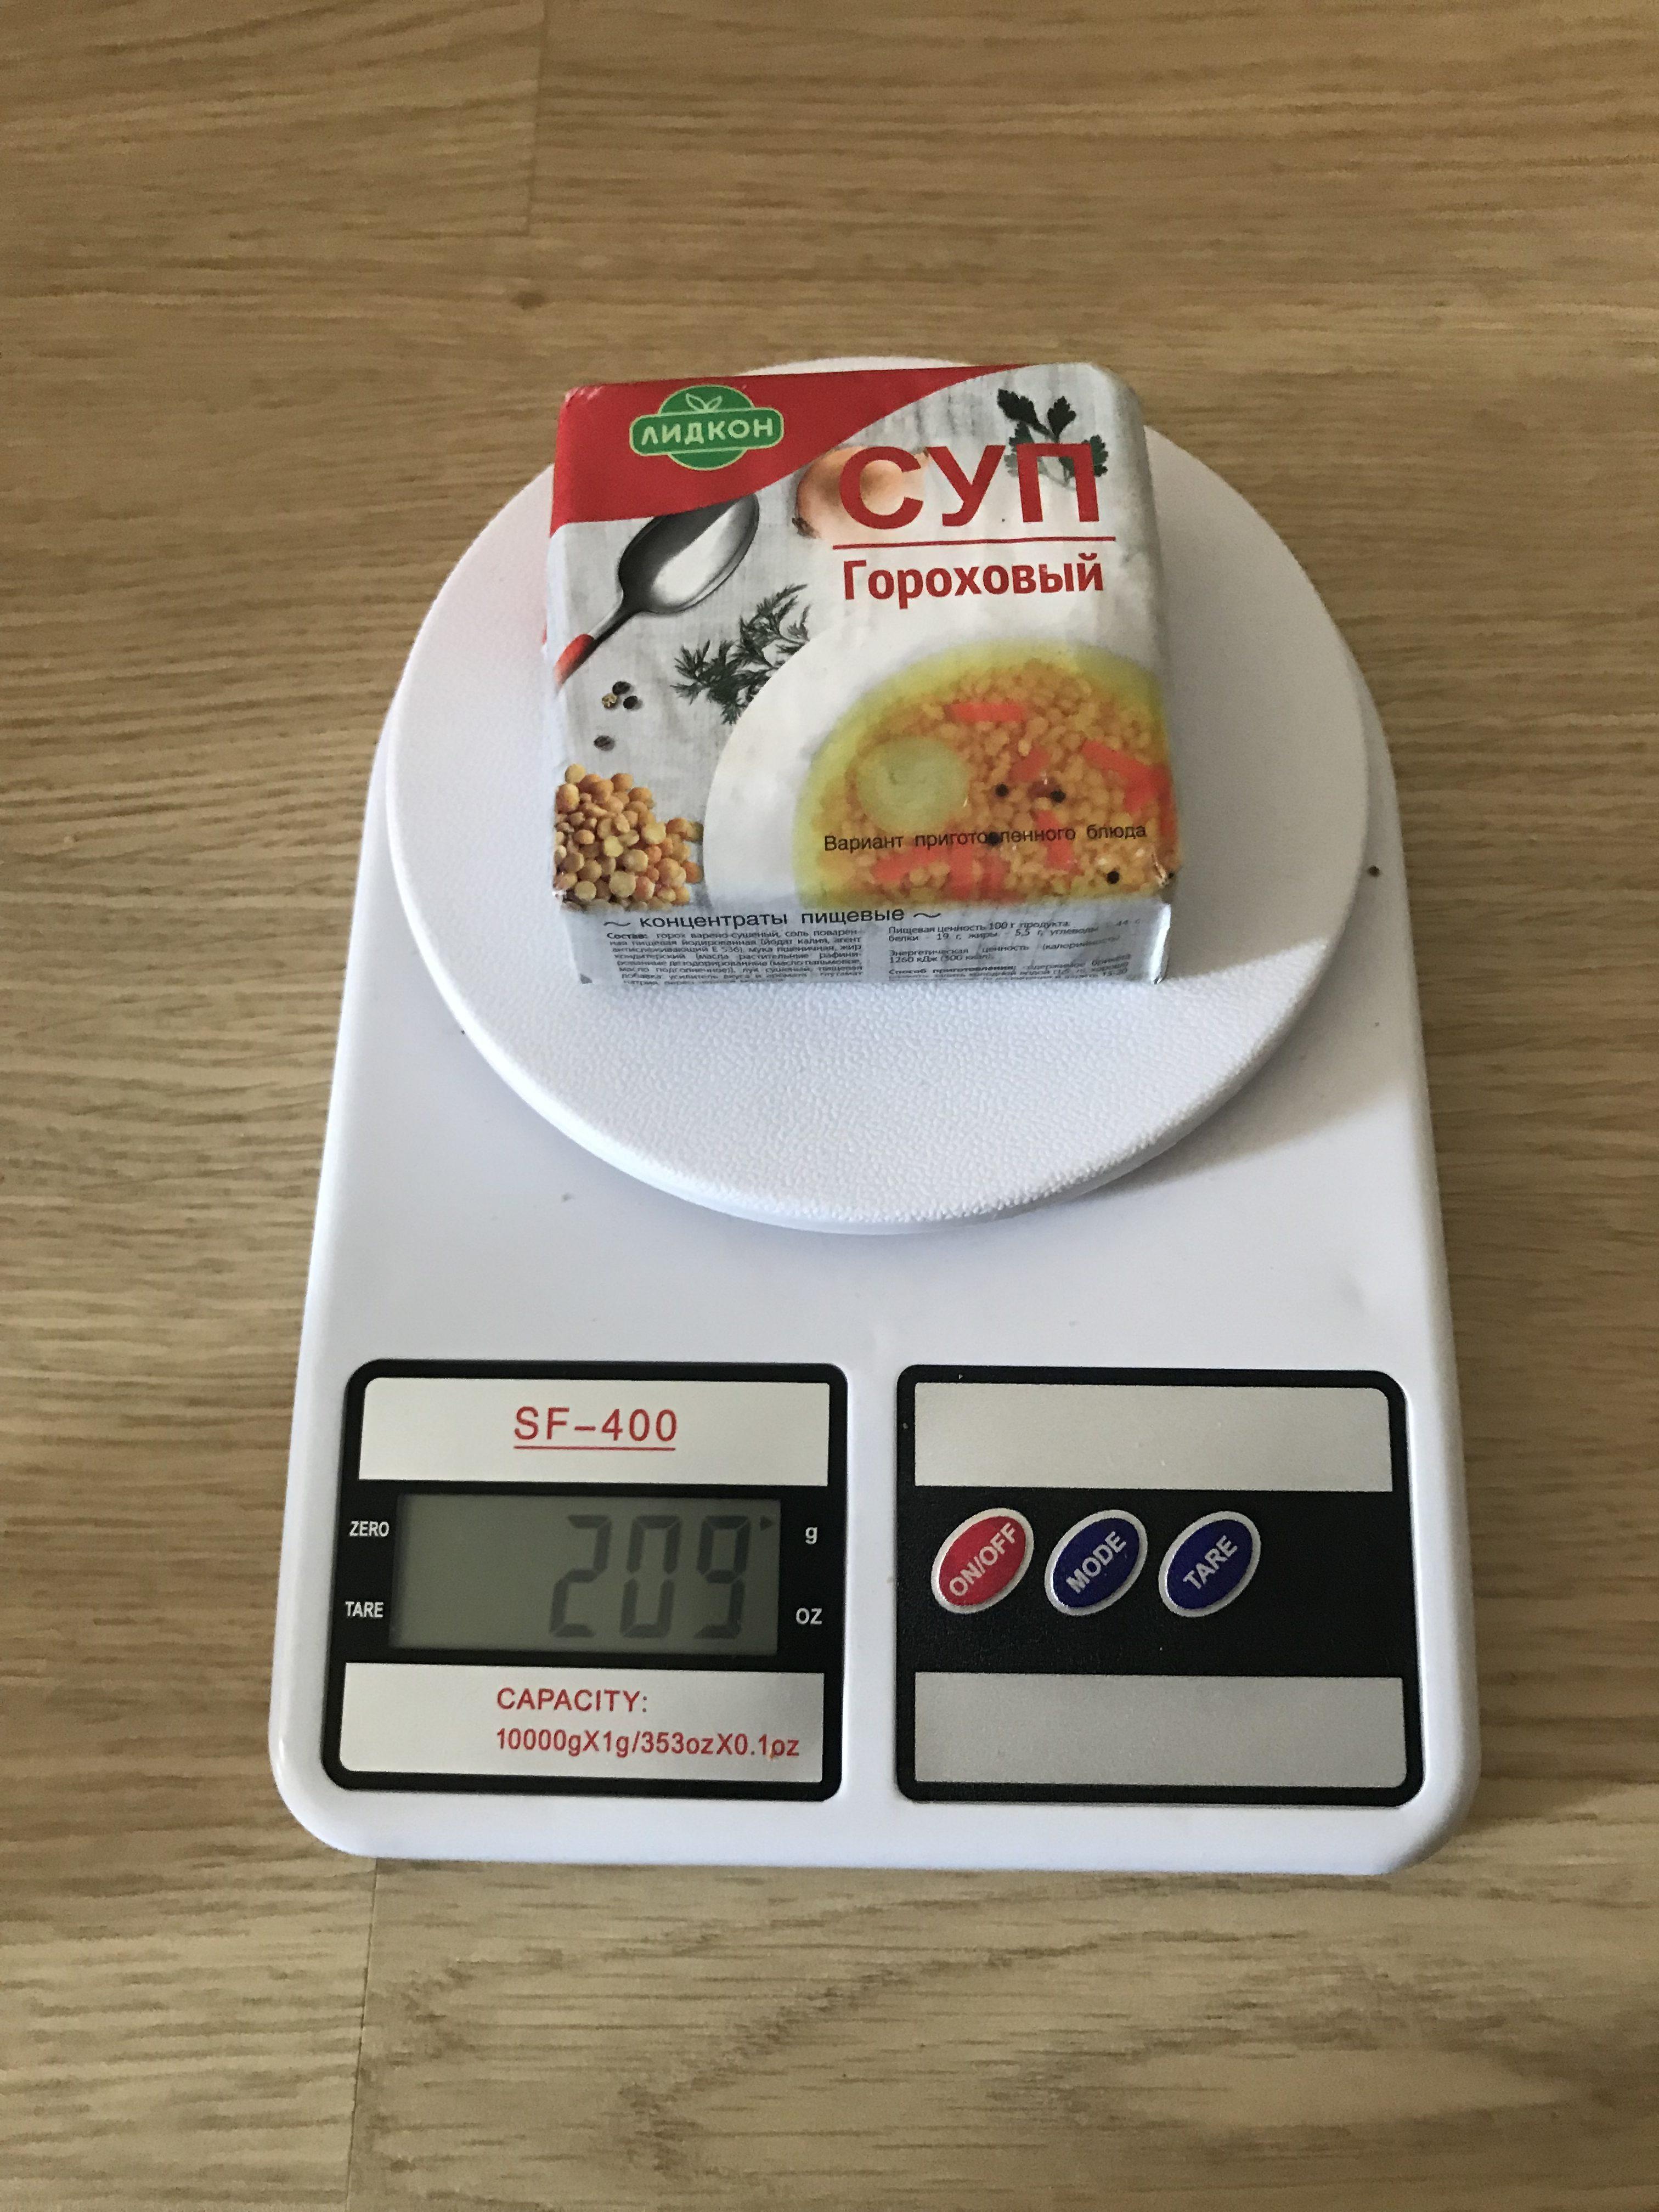 вес супа горохового концентрированного